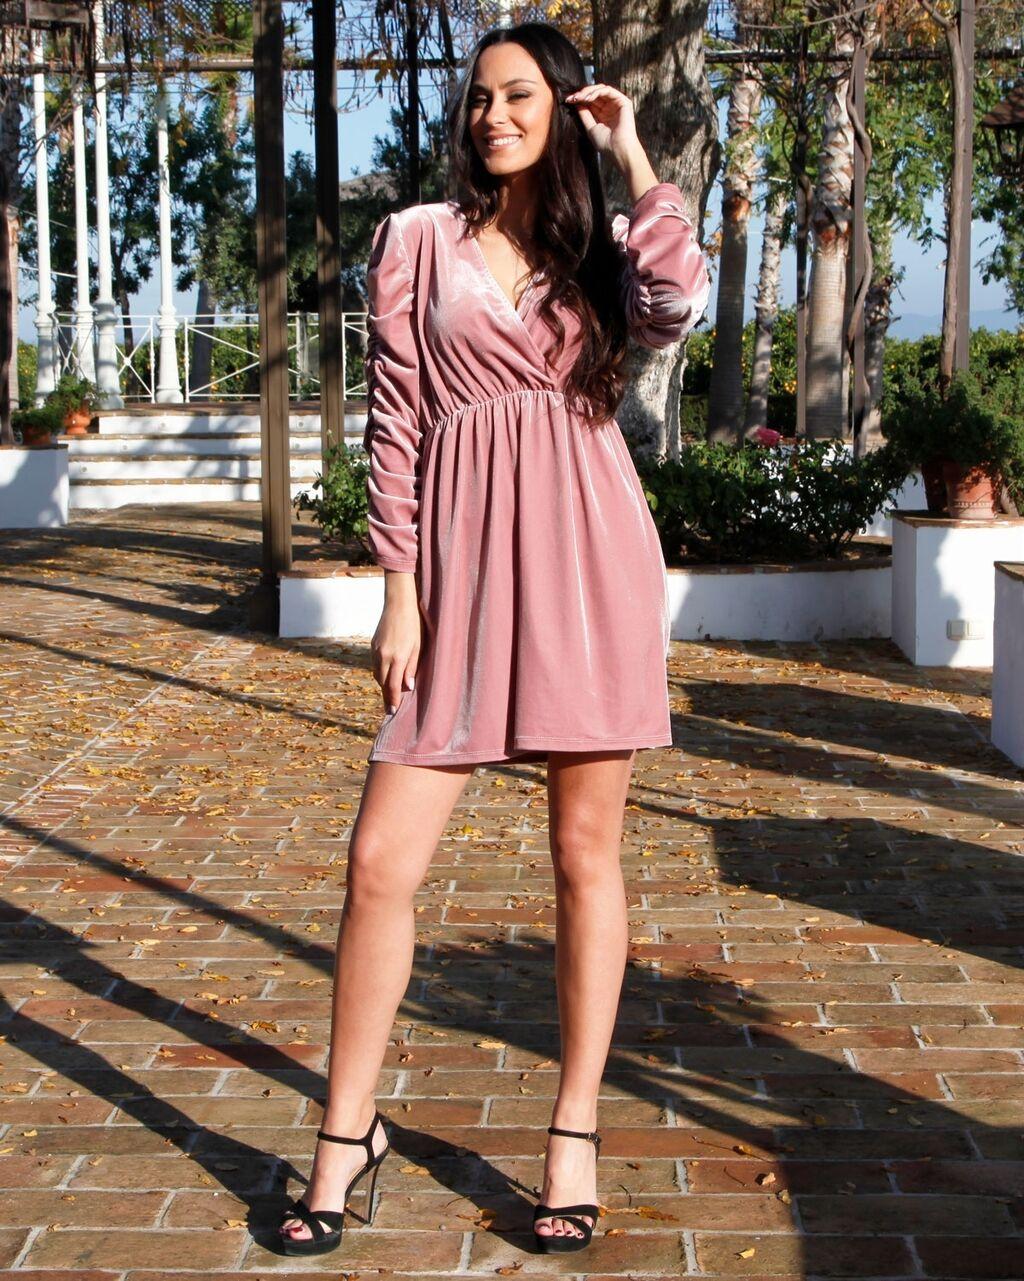 Лёгкое розовое платье,как раз на лето.Размер М,одевала один раз   Объявление создано 18 Май 2021 12:27:59: Лёгкое розовое платье,как раз на лето.Размер М,одевала один раз